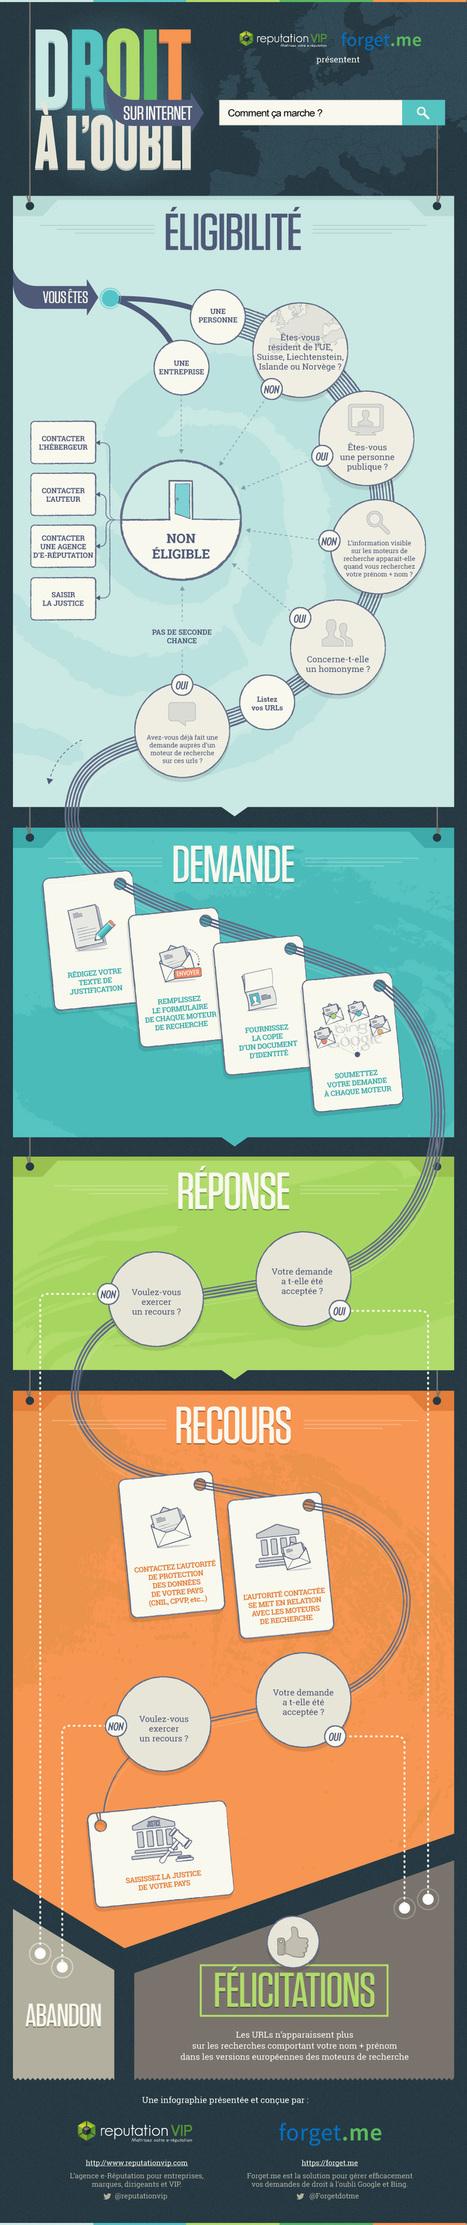 Infographie : Le droit à l'oubli comment ça marche ? | Domaine D2 - Etre responsable à l'ère du numérique. | Scoop.it